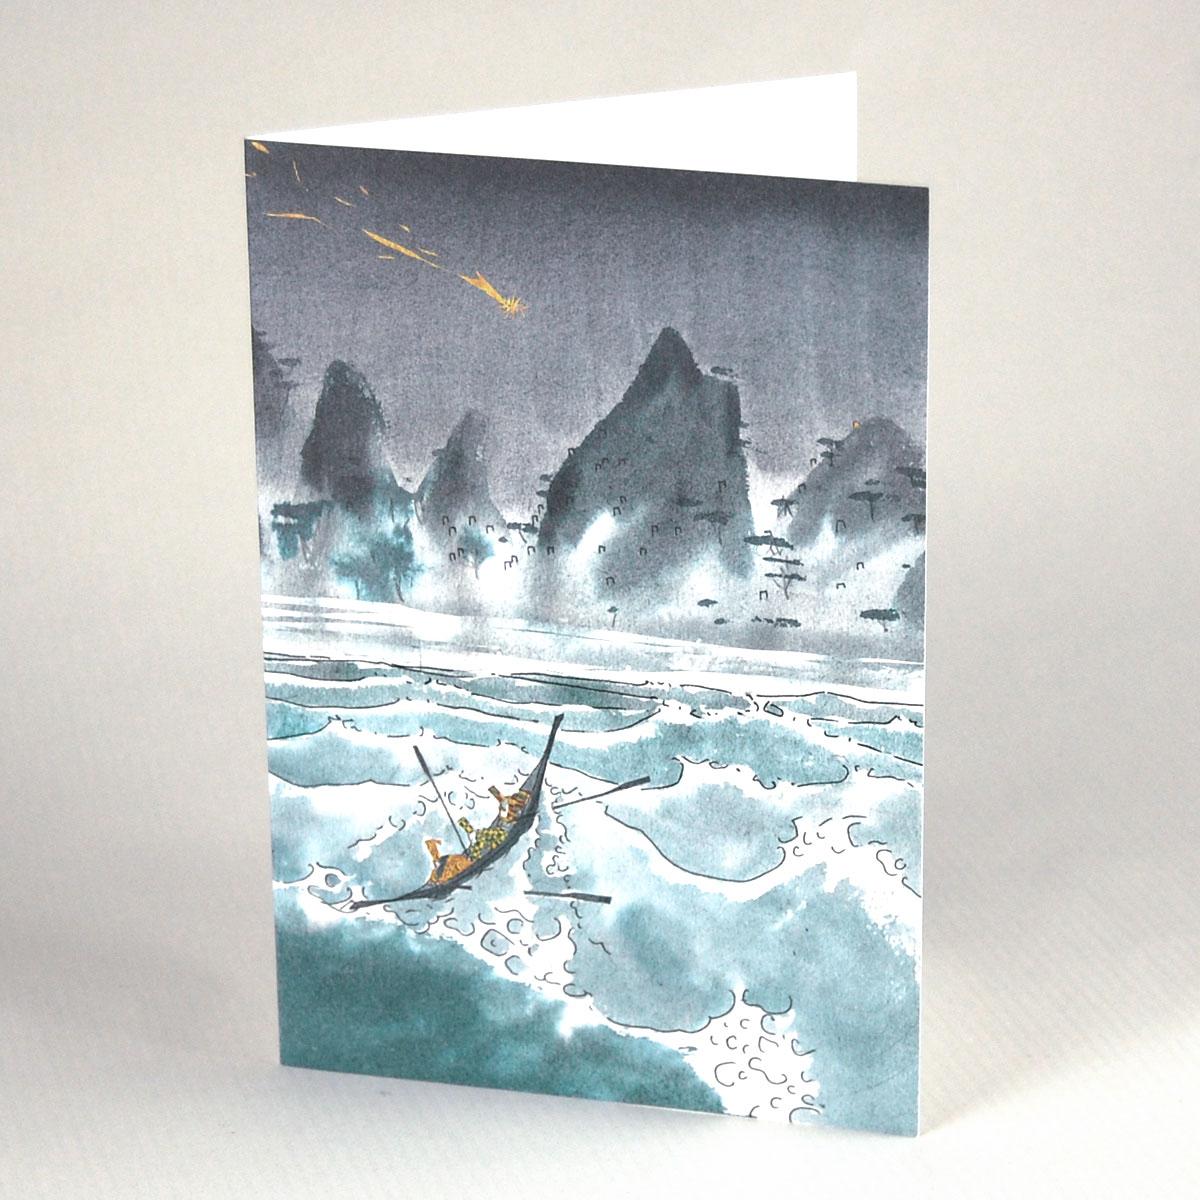 Christliche weihnachtskarten die heiligen drei k nige im - Christliche weihnachtskarten ...